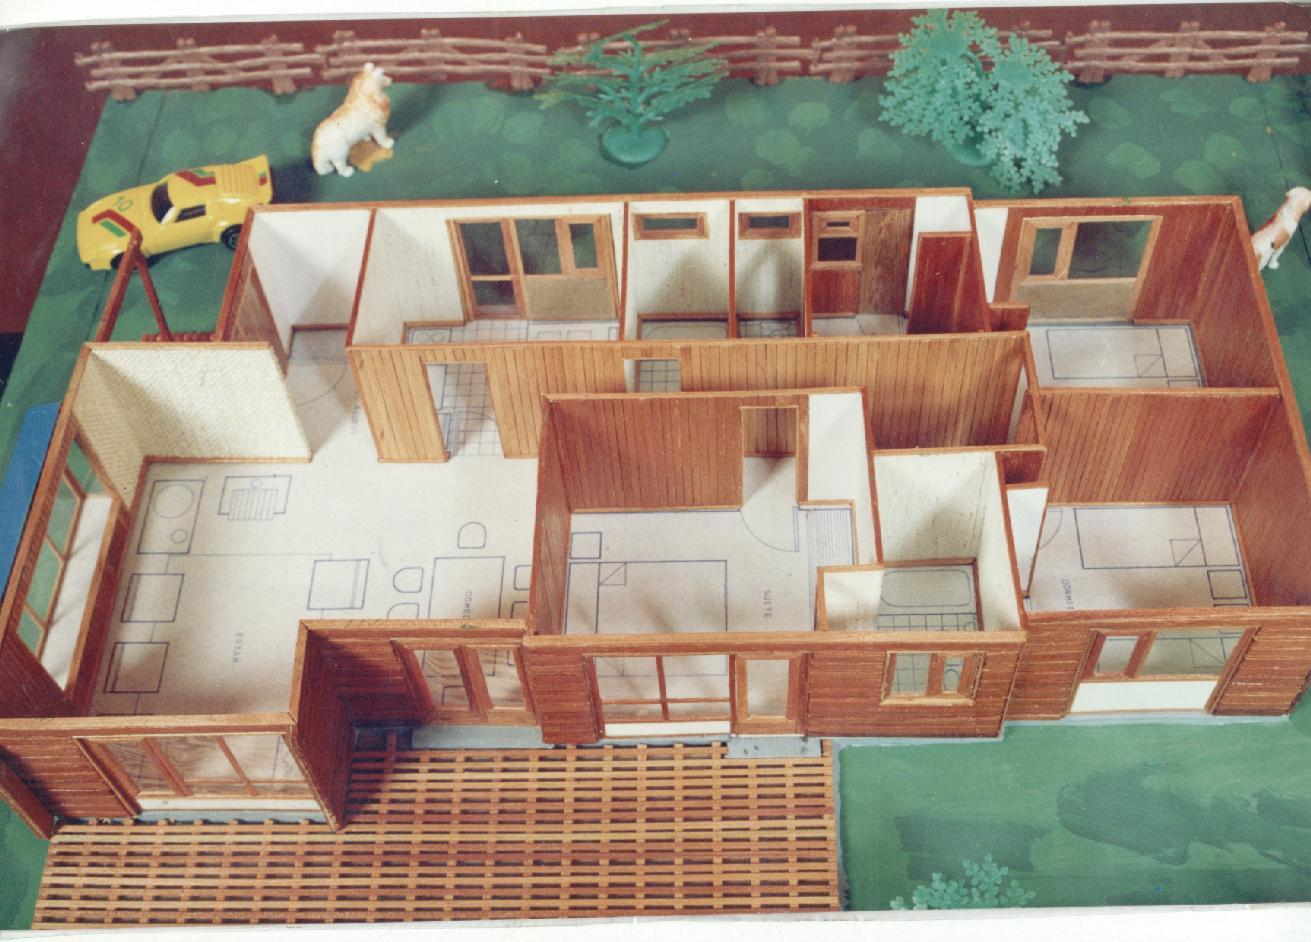 Planos de casas modelos y dise os de casas planos de - Como hacer un plano de una casa ...